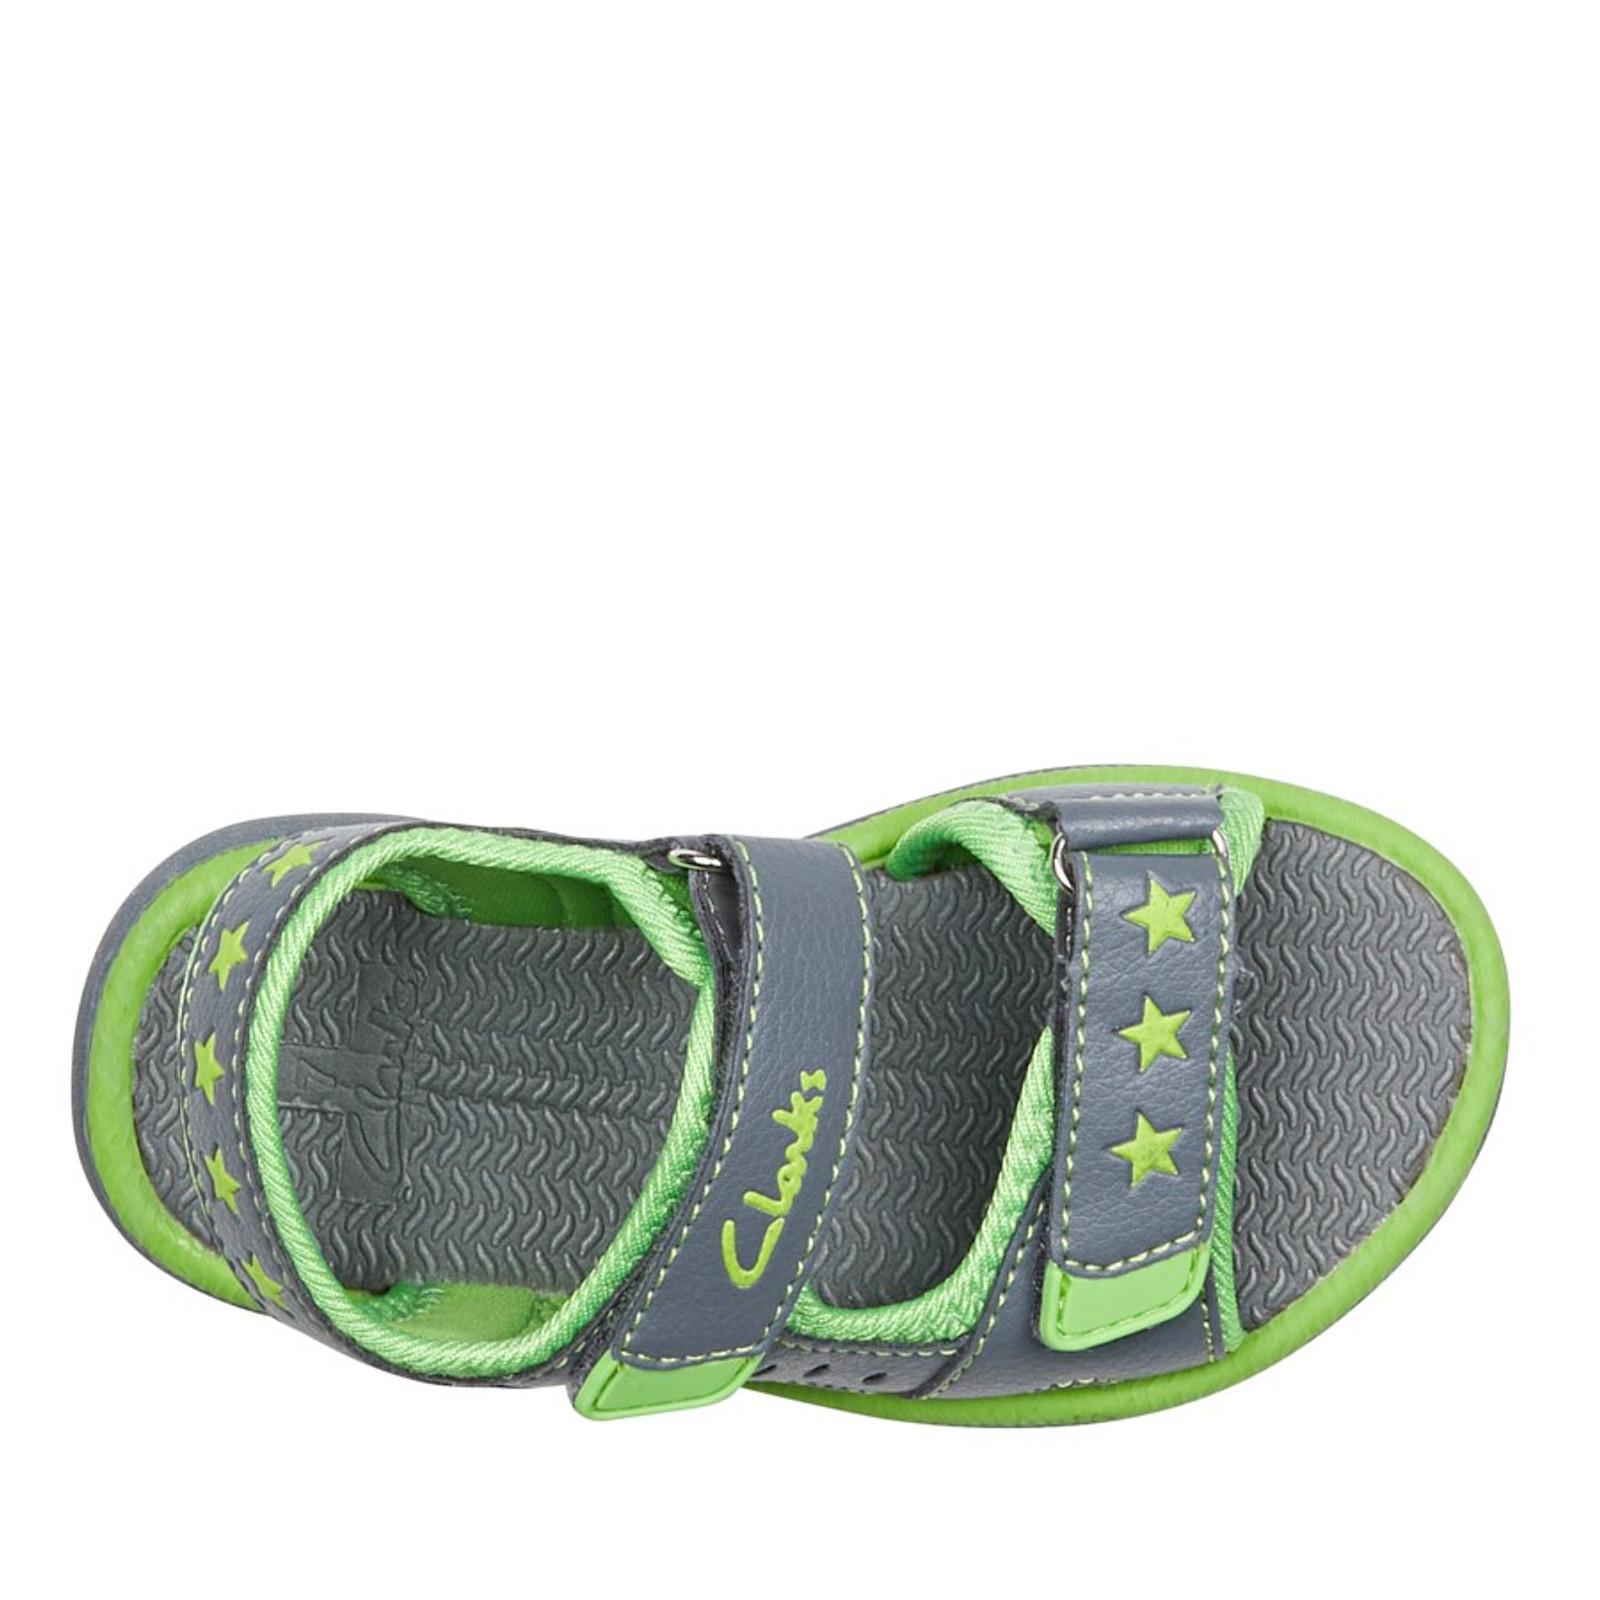 Clarks UnisexChildren FLIP Grey/Lime